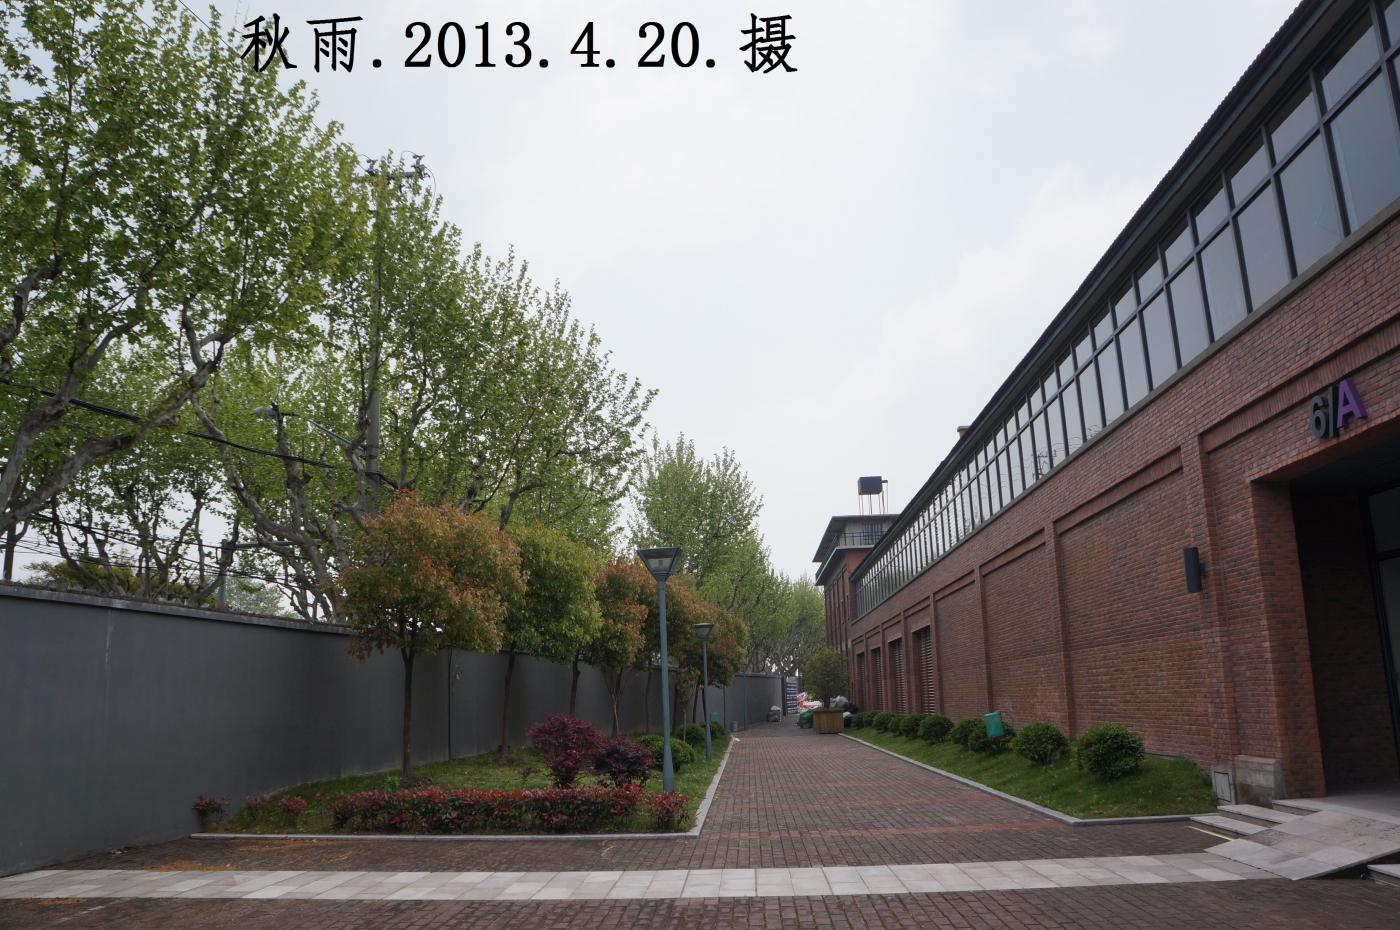 上海国际时尚中心,原国棉十七厂旧址(1),修旧如旧。摄影原创。 ..._图1-22